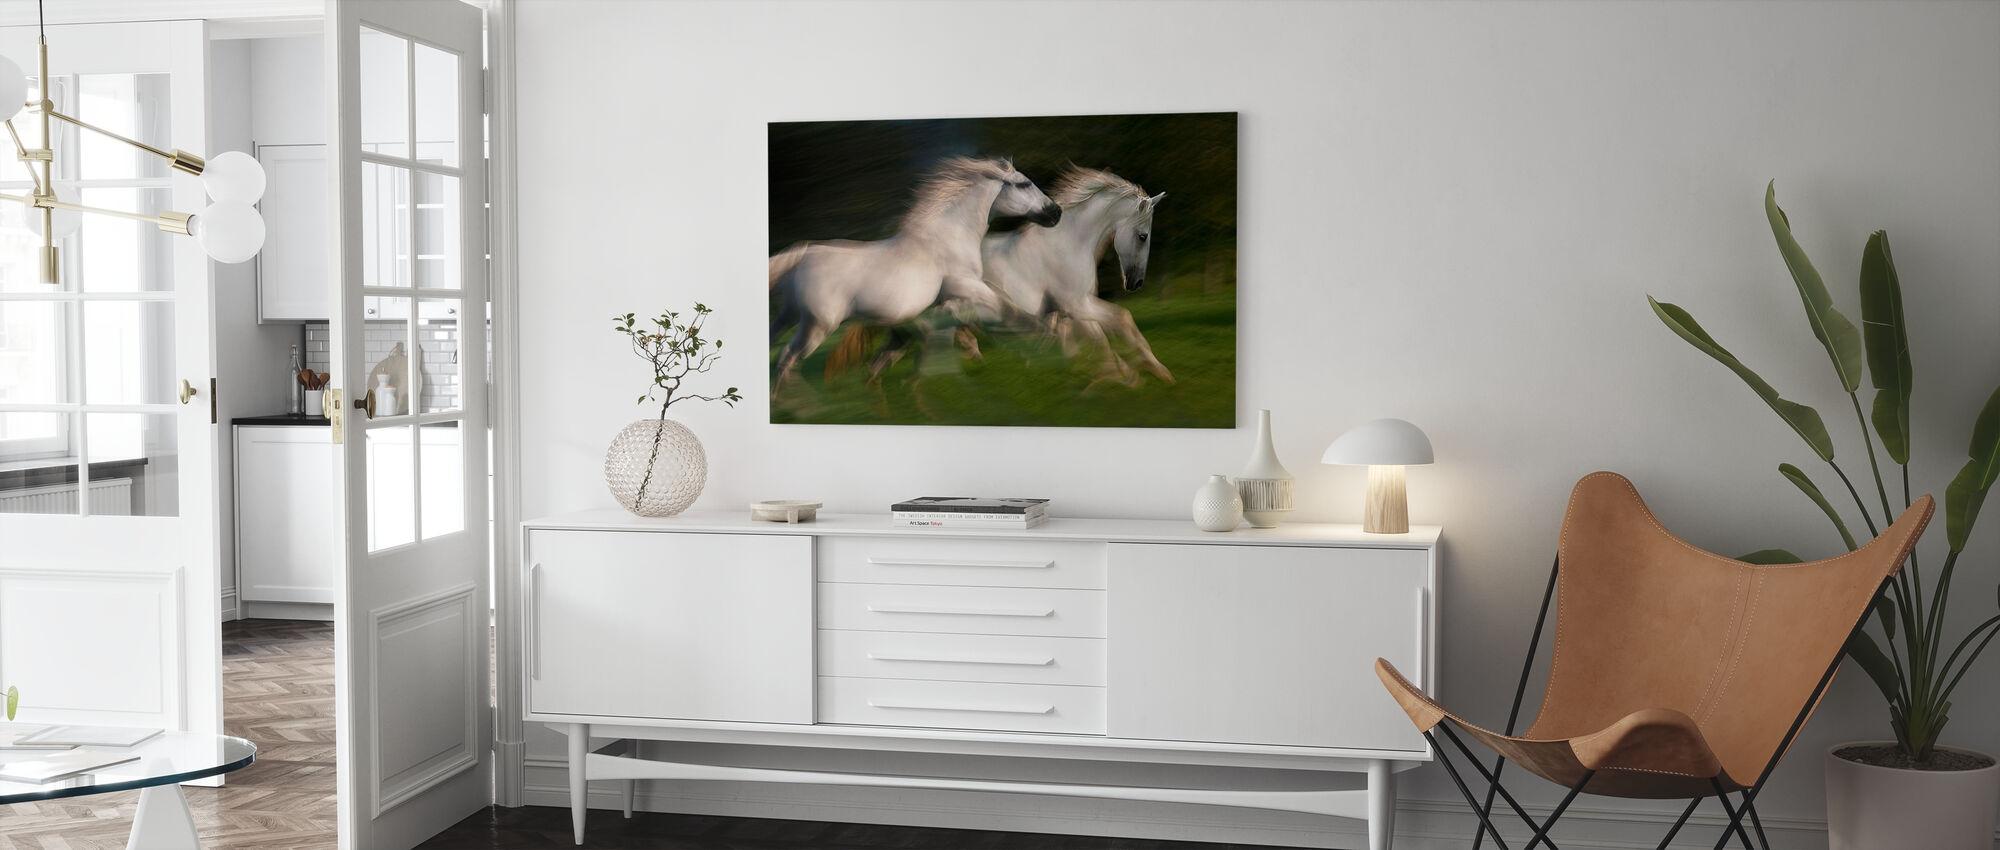 Hvite Hester Galopp - Lerretsbilde - Stue